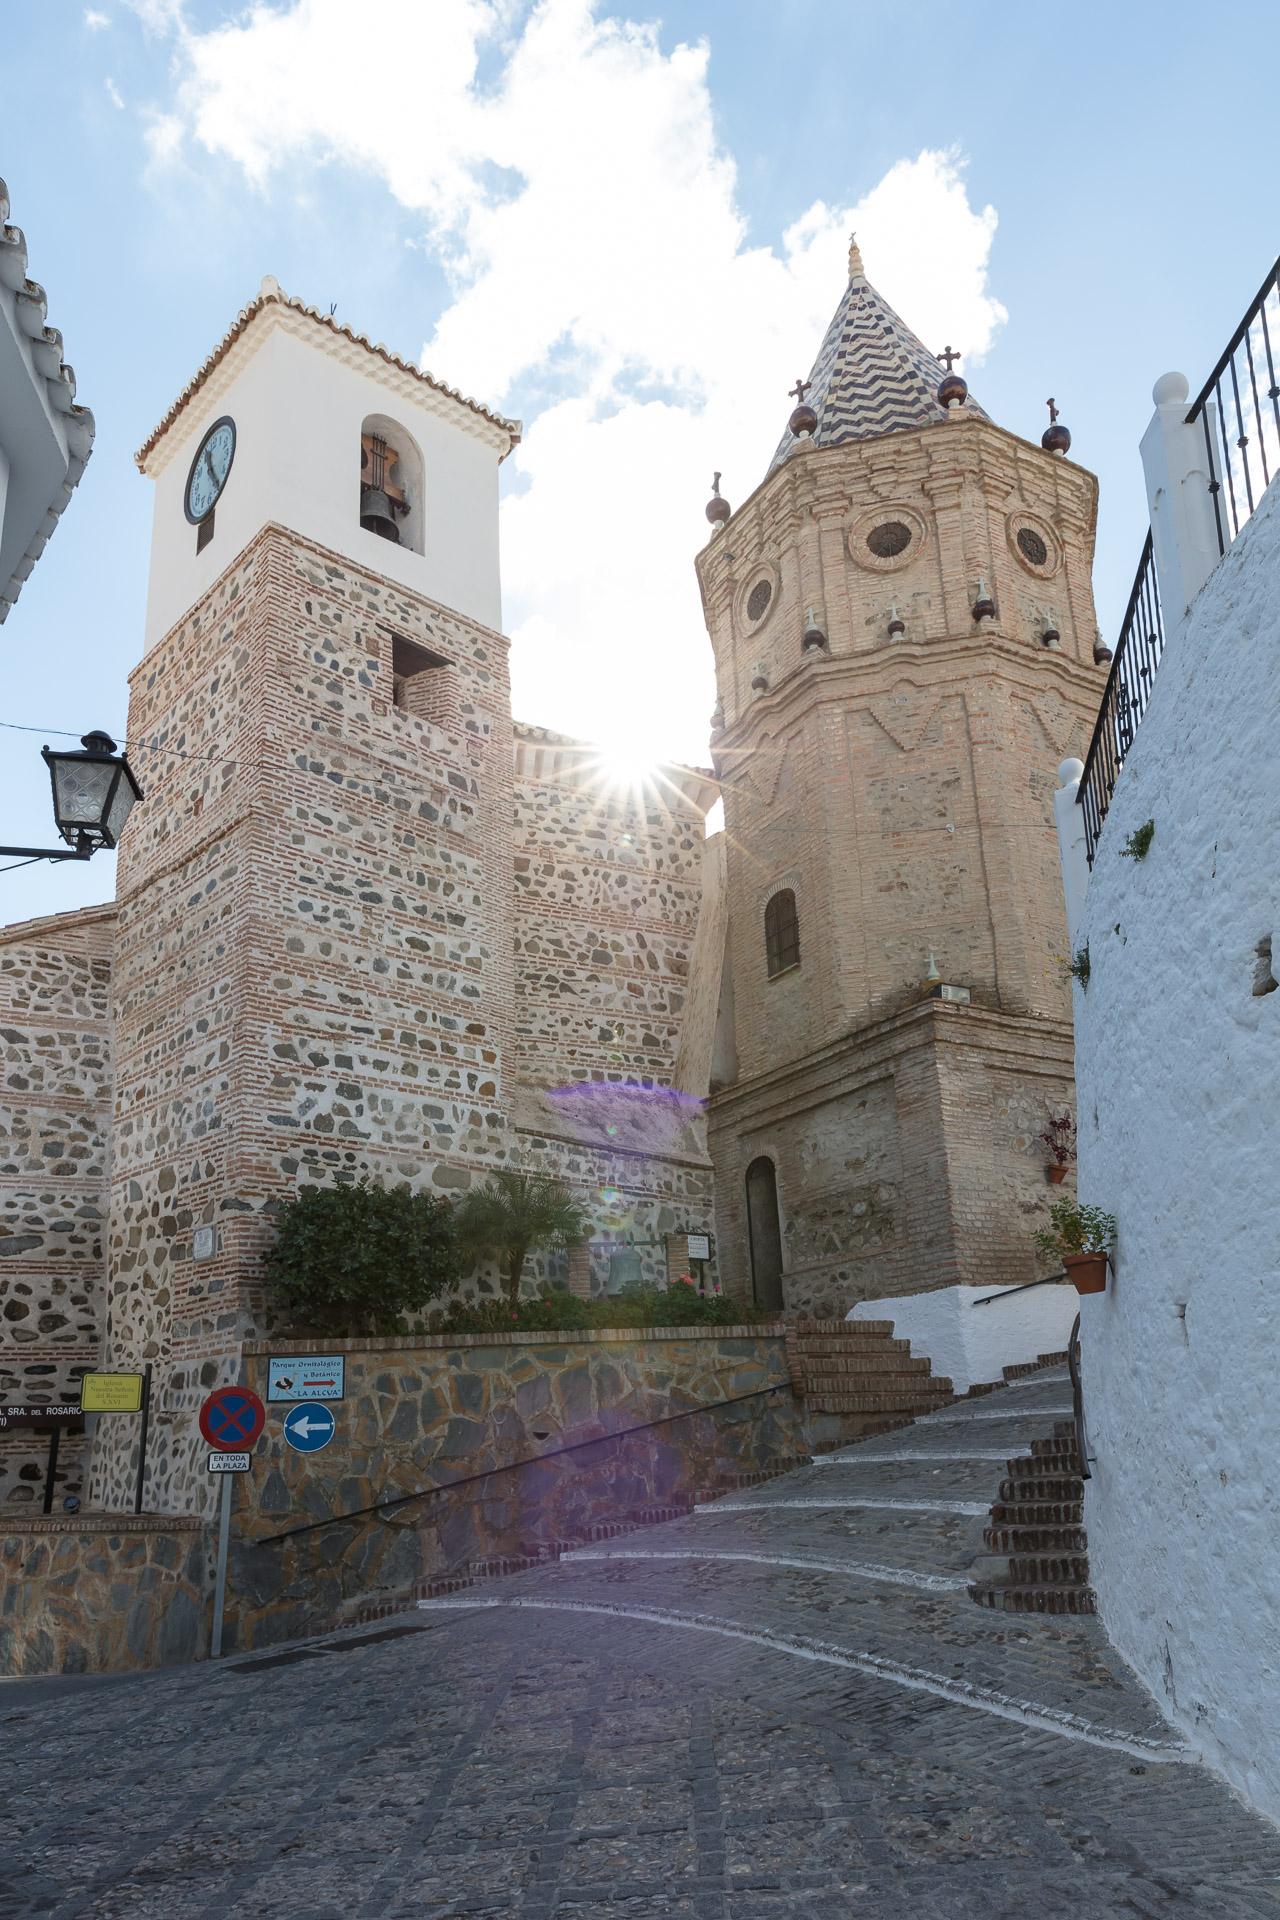 De moorse en katholieke toren van de kerk van El Borge